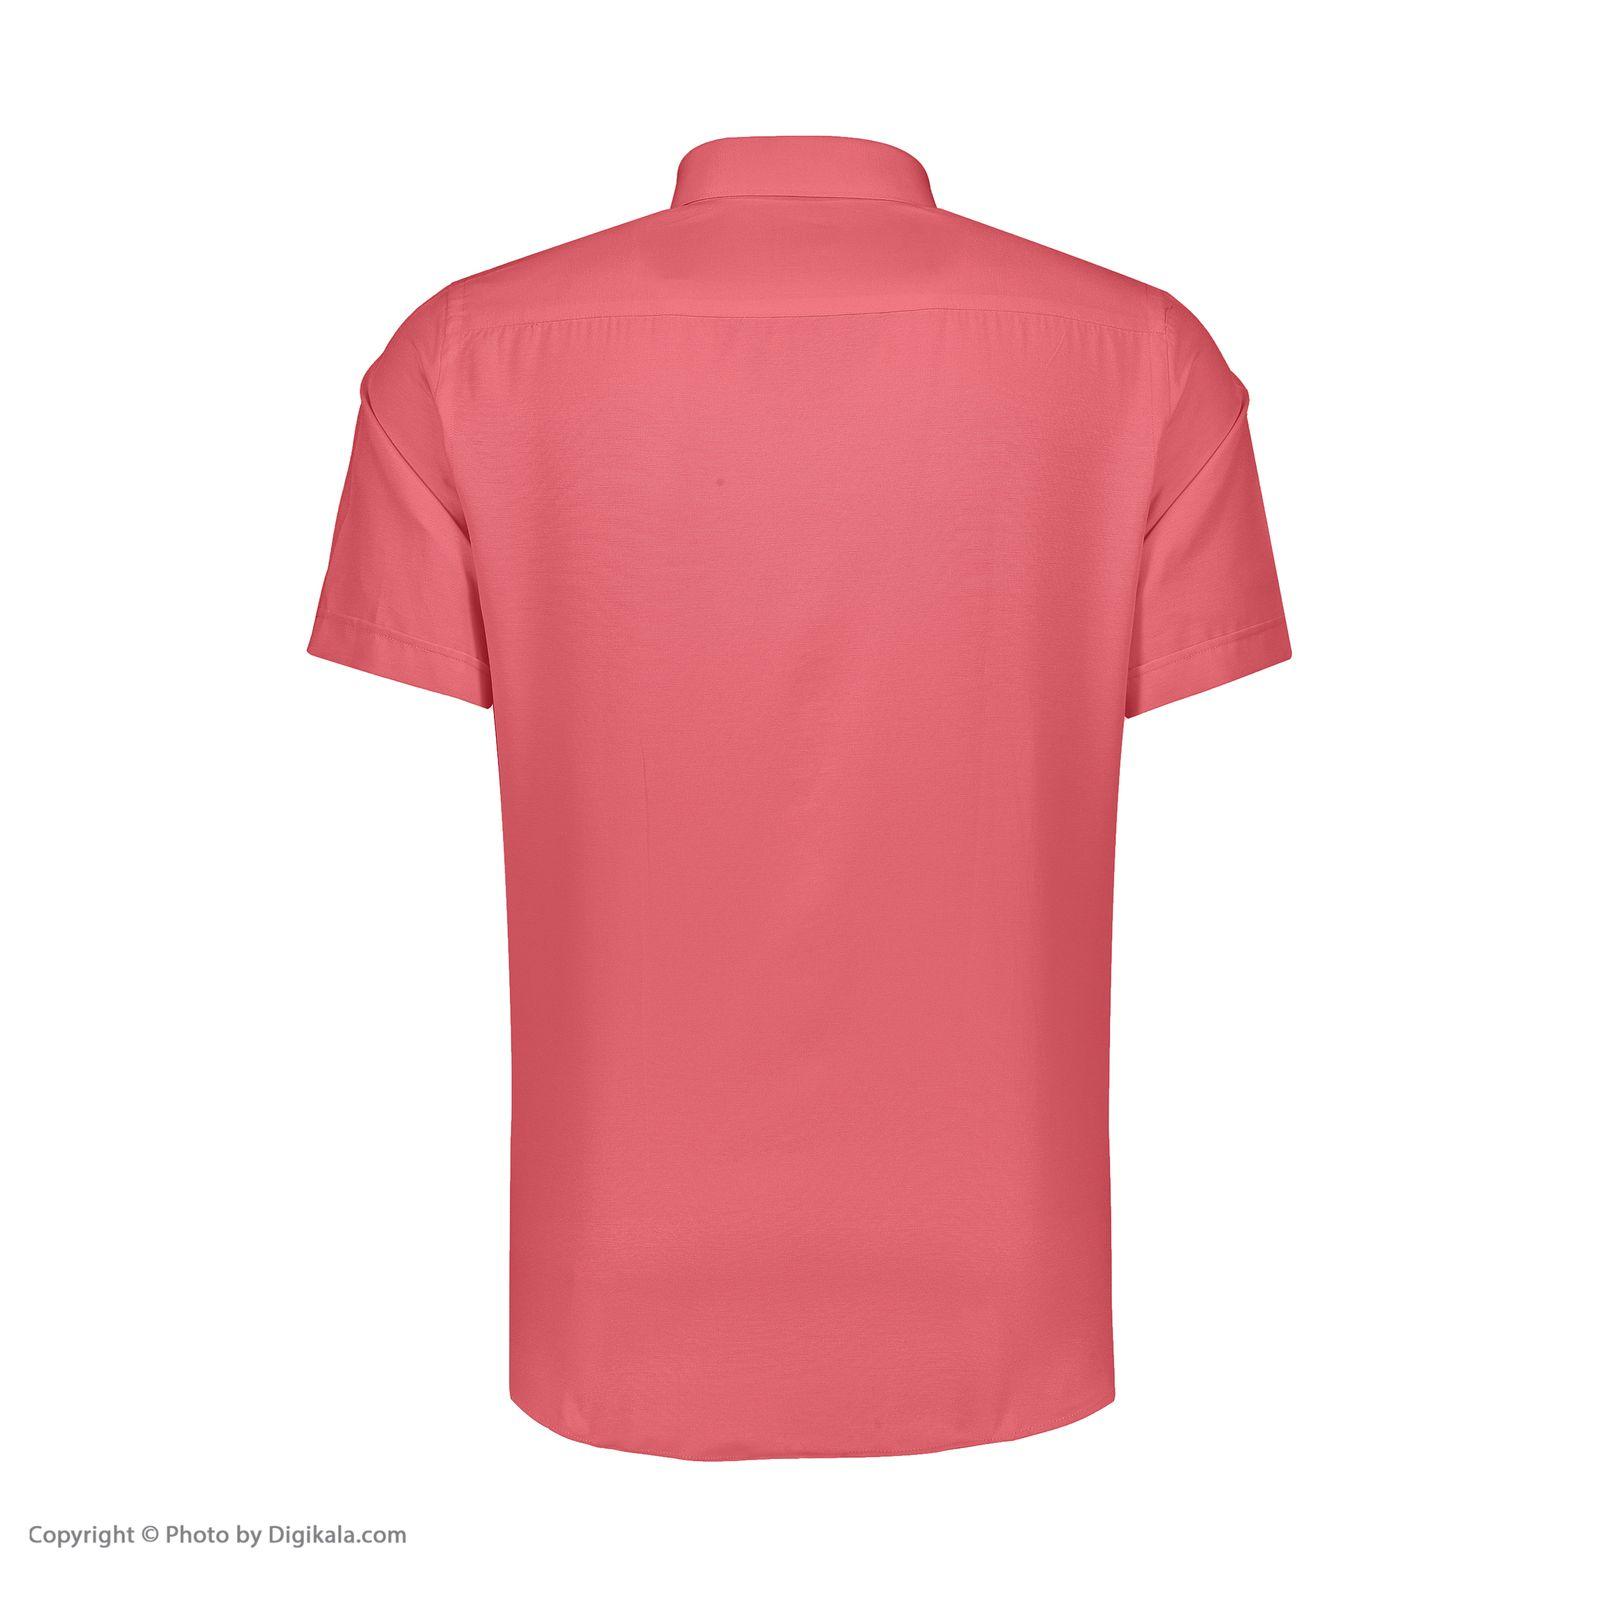 پیراهن مردانه زی مدل 153119780 -  - 3